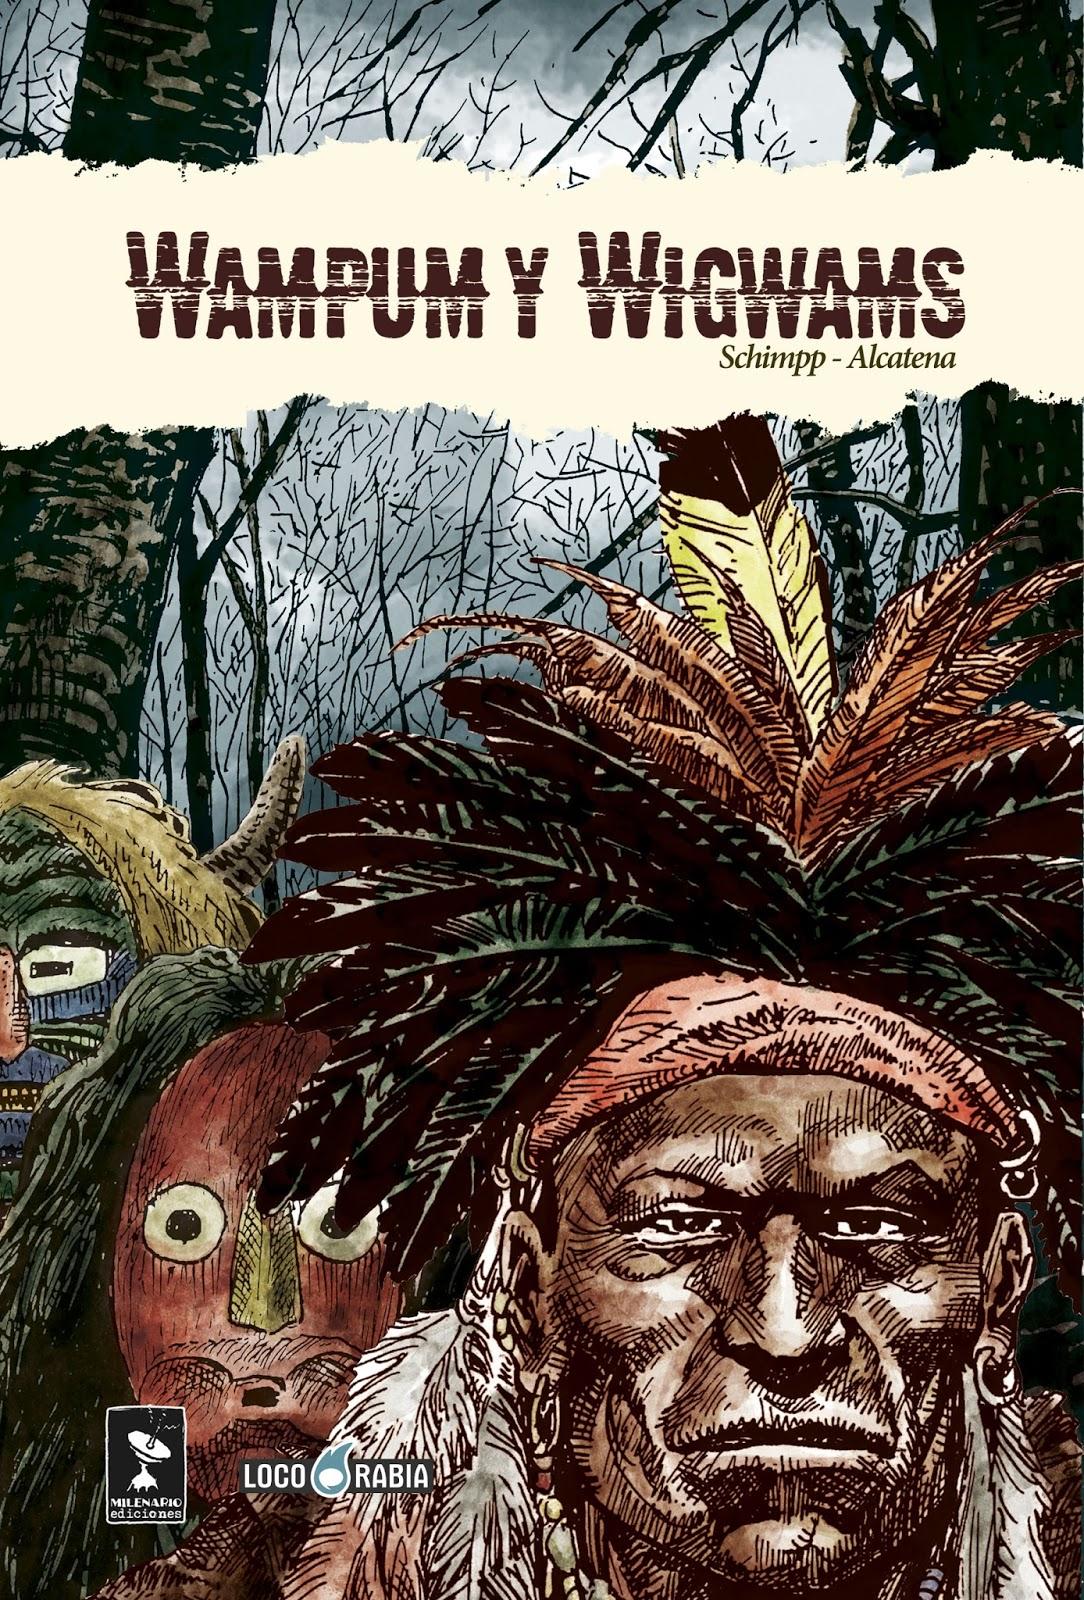 01 -  [Comics] Siguen las adquisiciones 2016 - Página 26 Wampum-y-Wingams-tapa